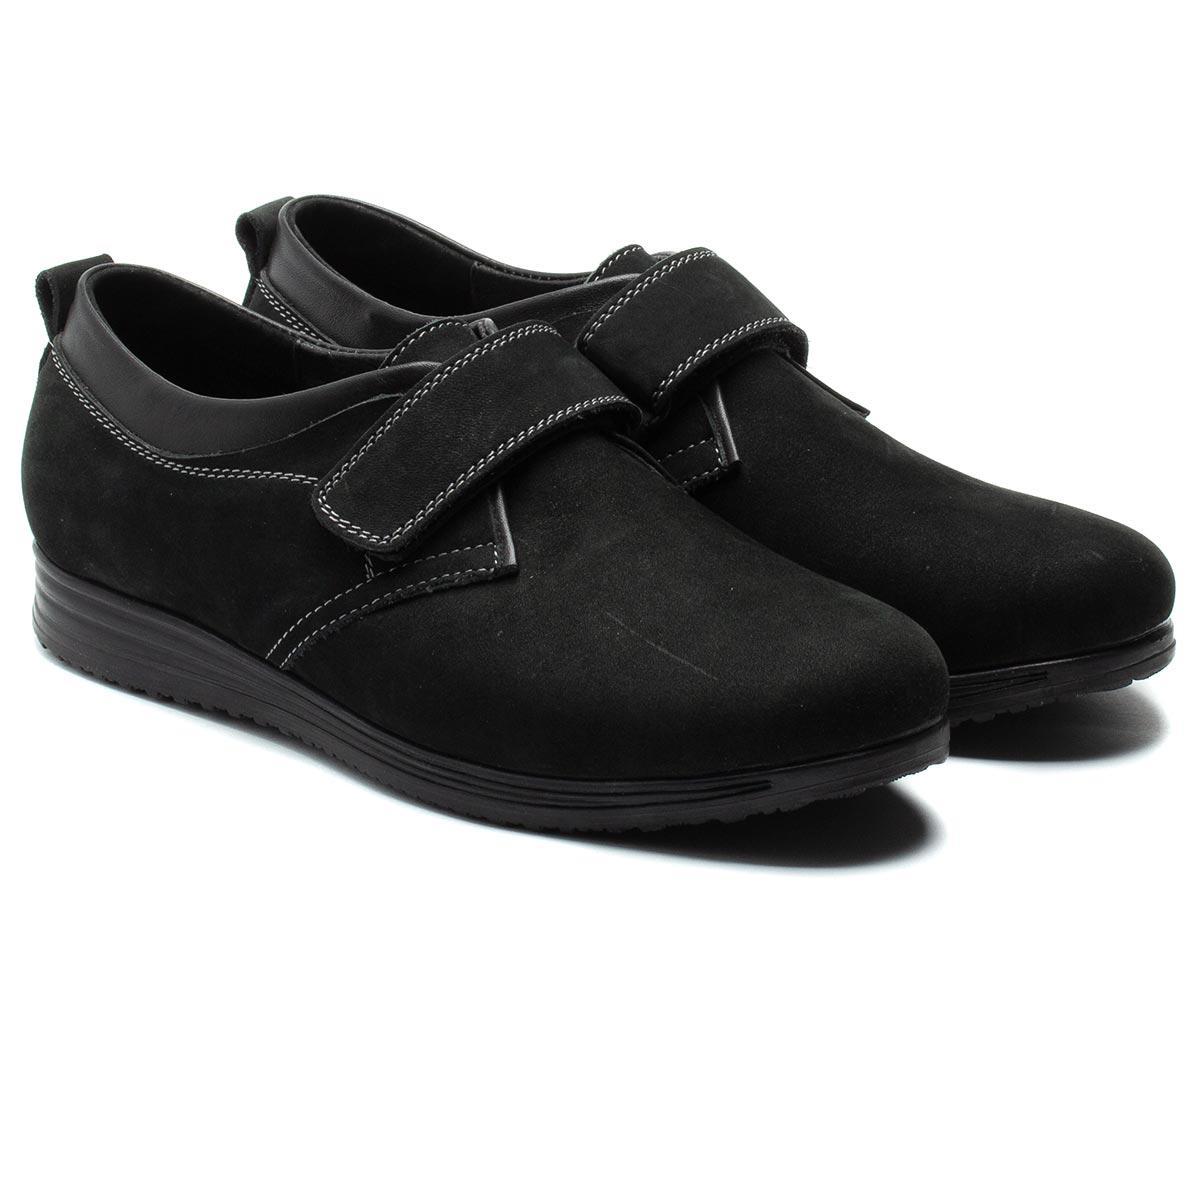 Подростковые туфли для мальчика, Bloom kids, размер 35